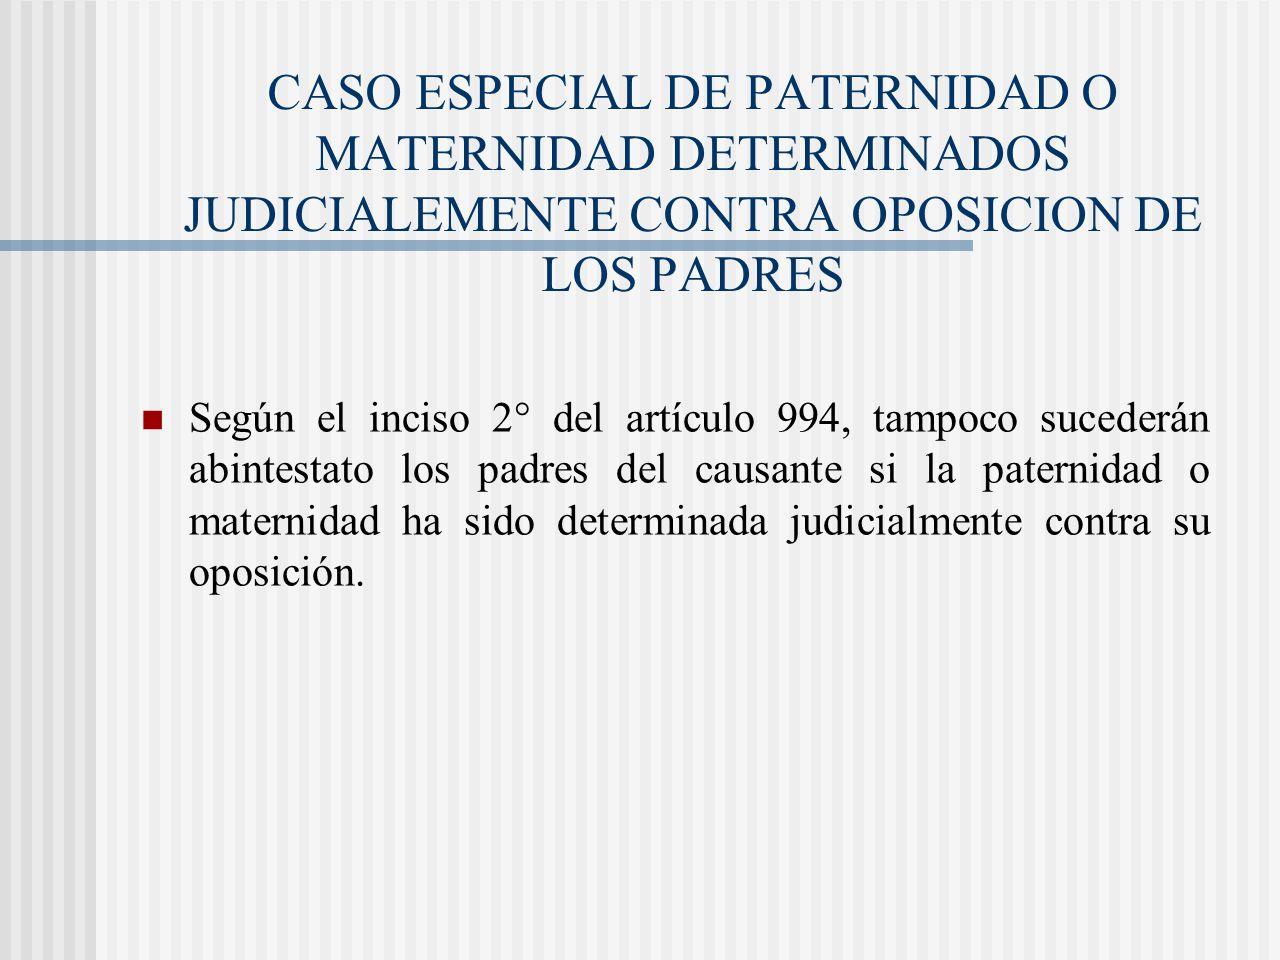 CASO ESPECIAL DE PATERNIDAD O MATERNIDAD DETERMINADOS JUDICIALEMENTE CONTRA OPOSICION DE LOS PADRES